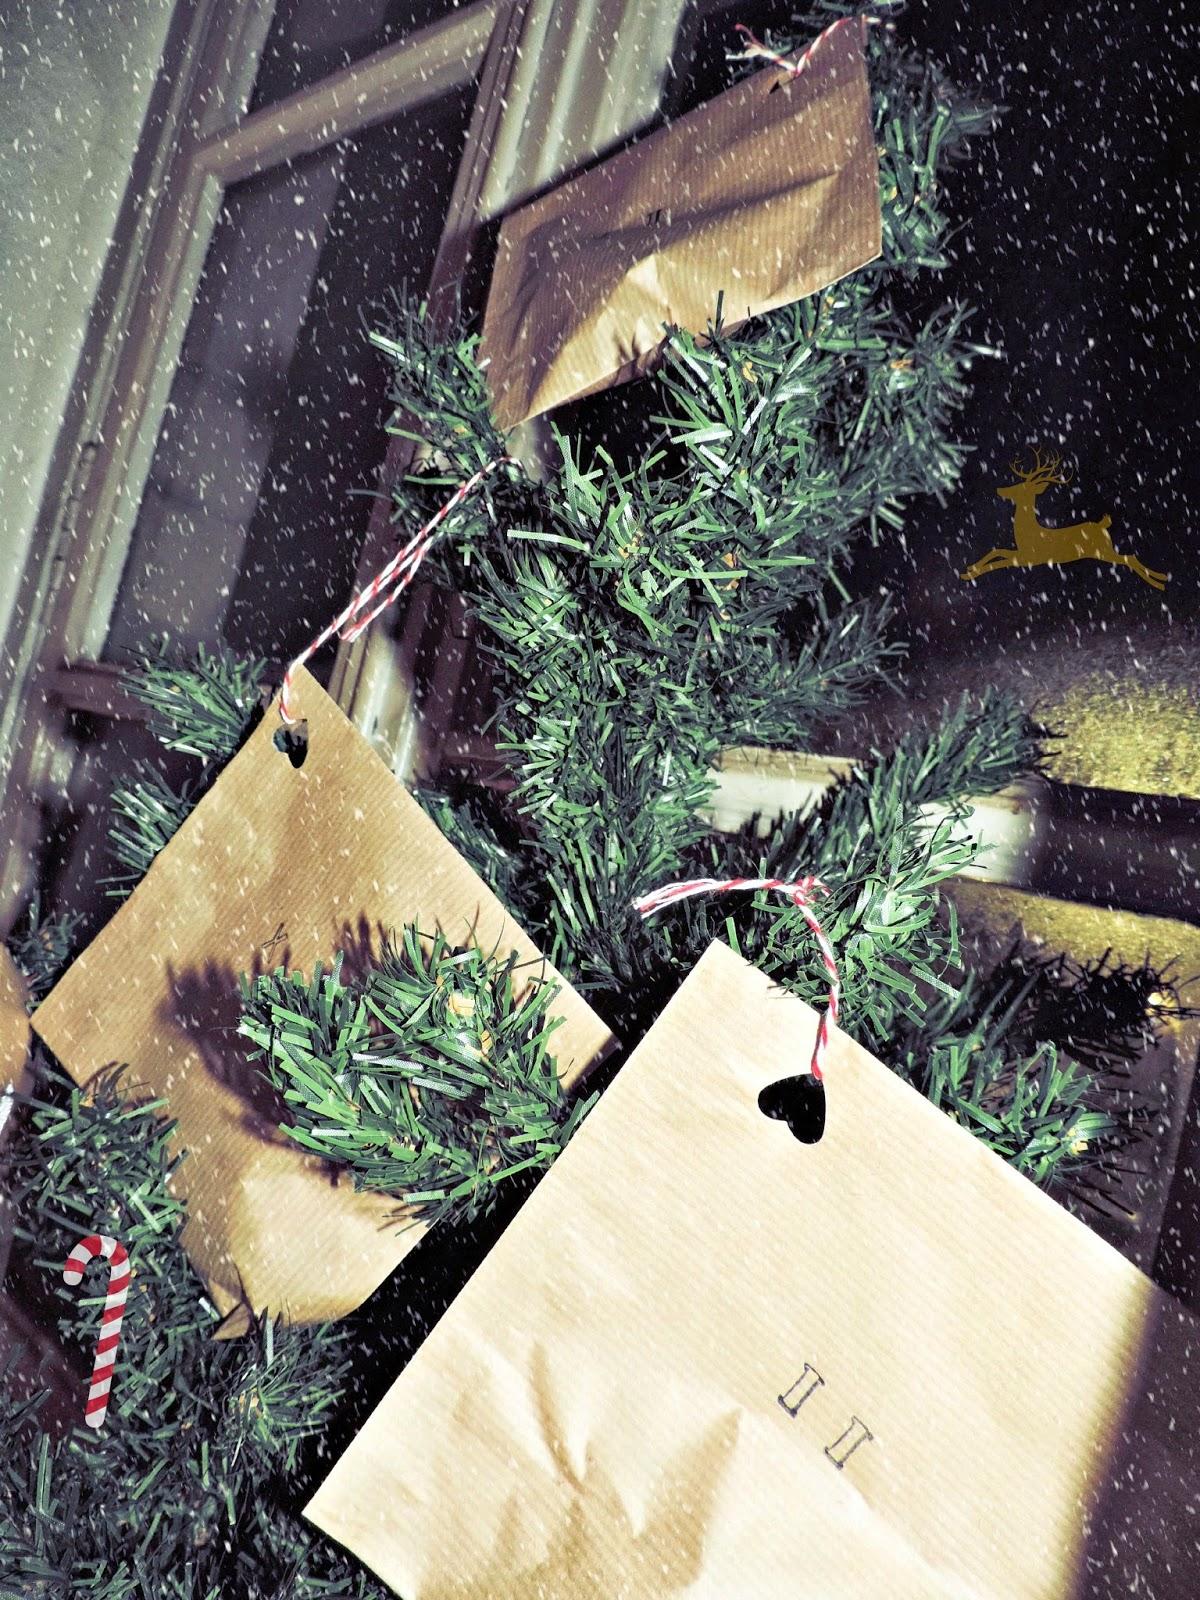 http://mynameisgeorges.blogspot.com/2014/11/diy-28-le-calendrier-de-lavent.html